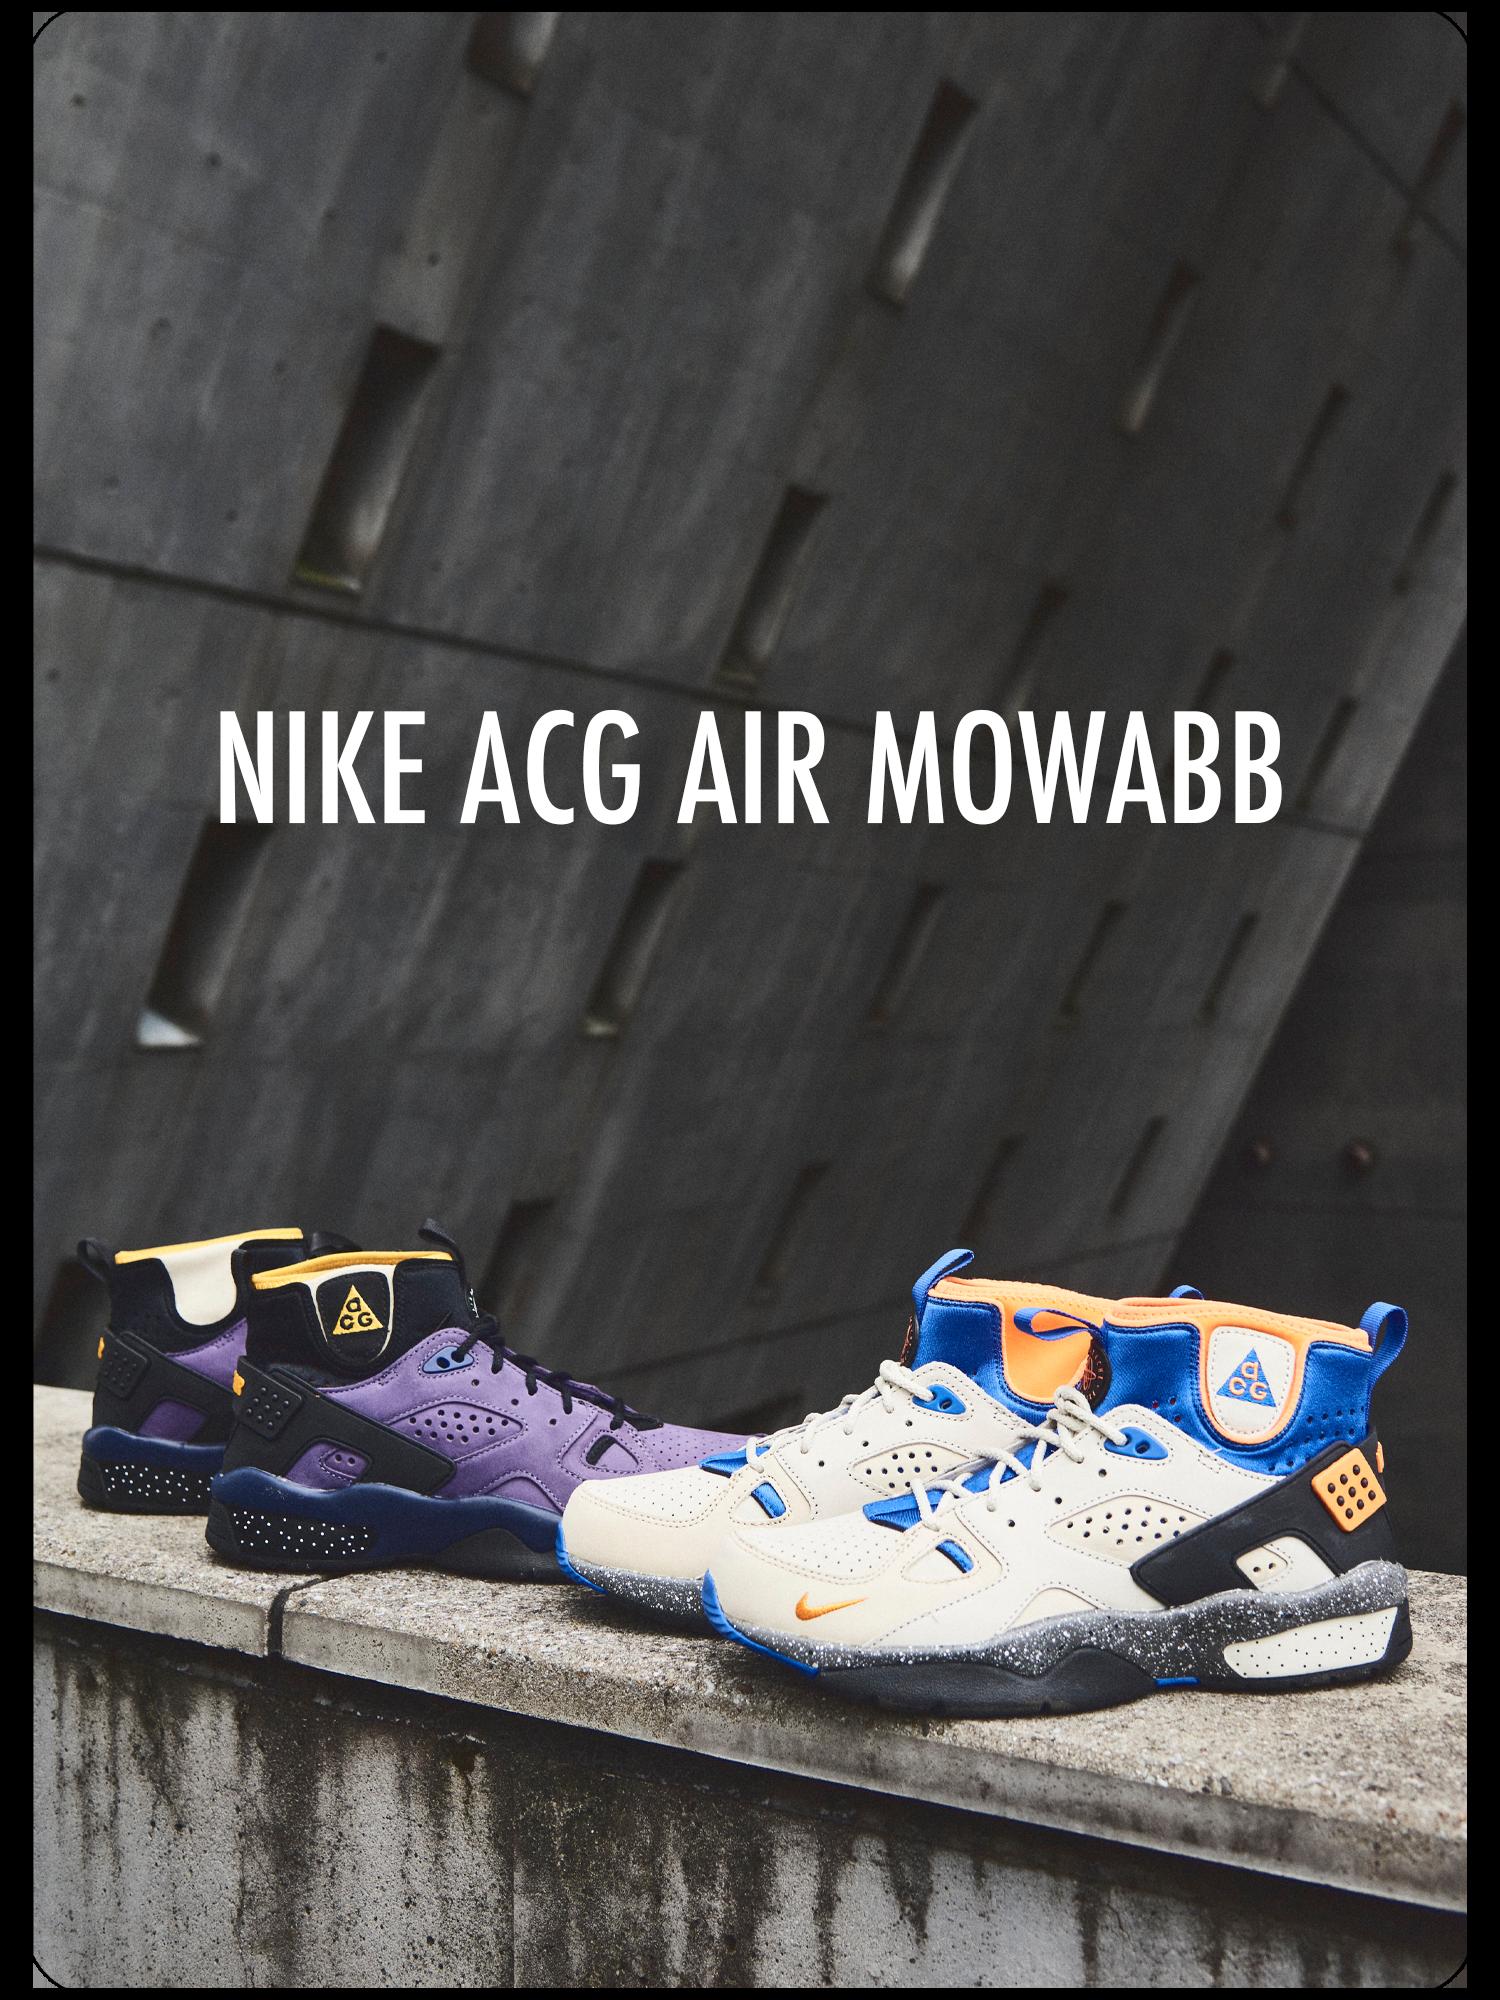 ACG AIR MOWABB